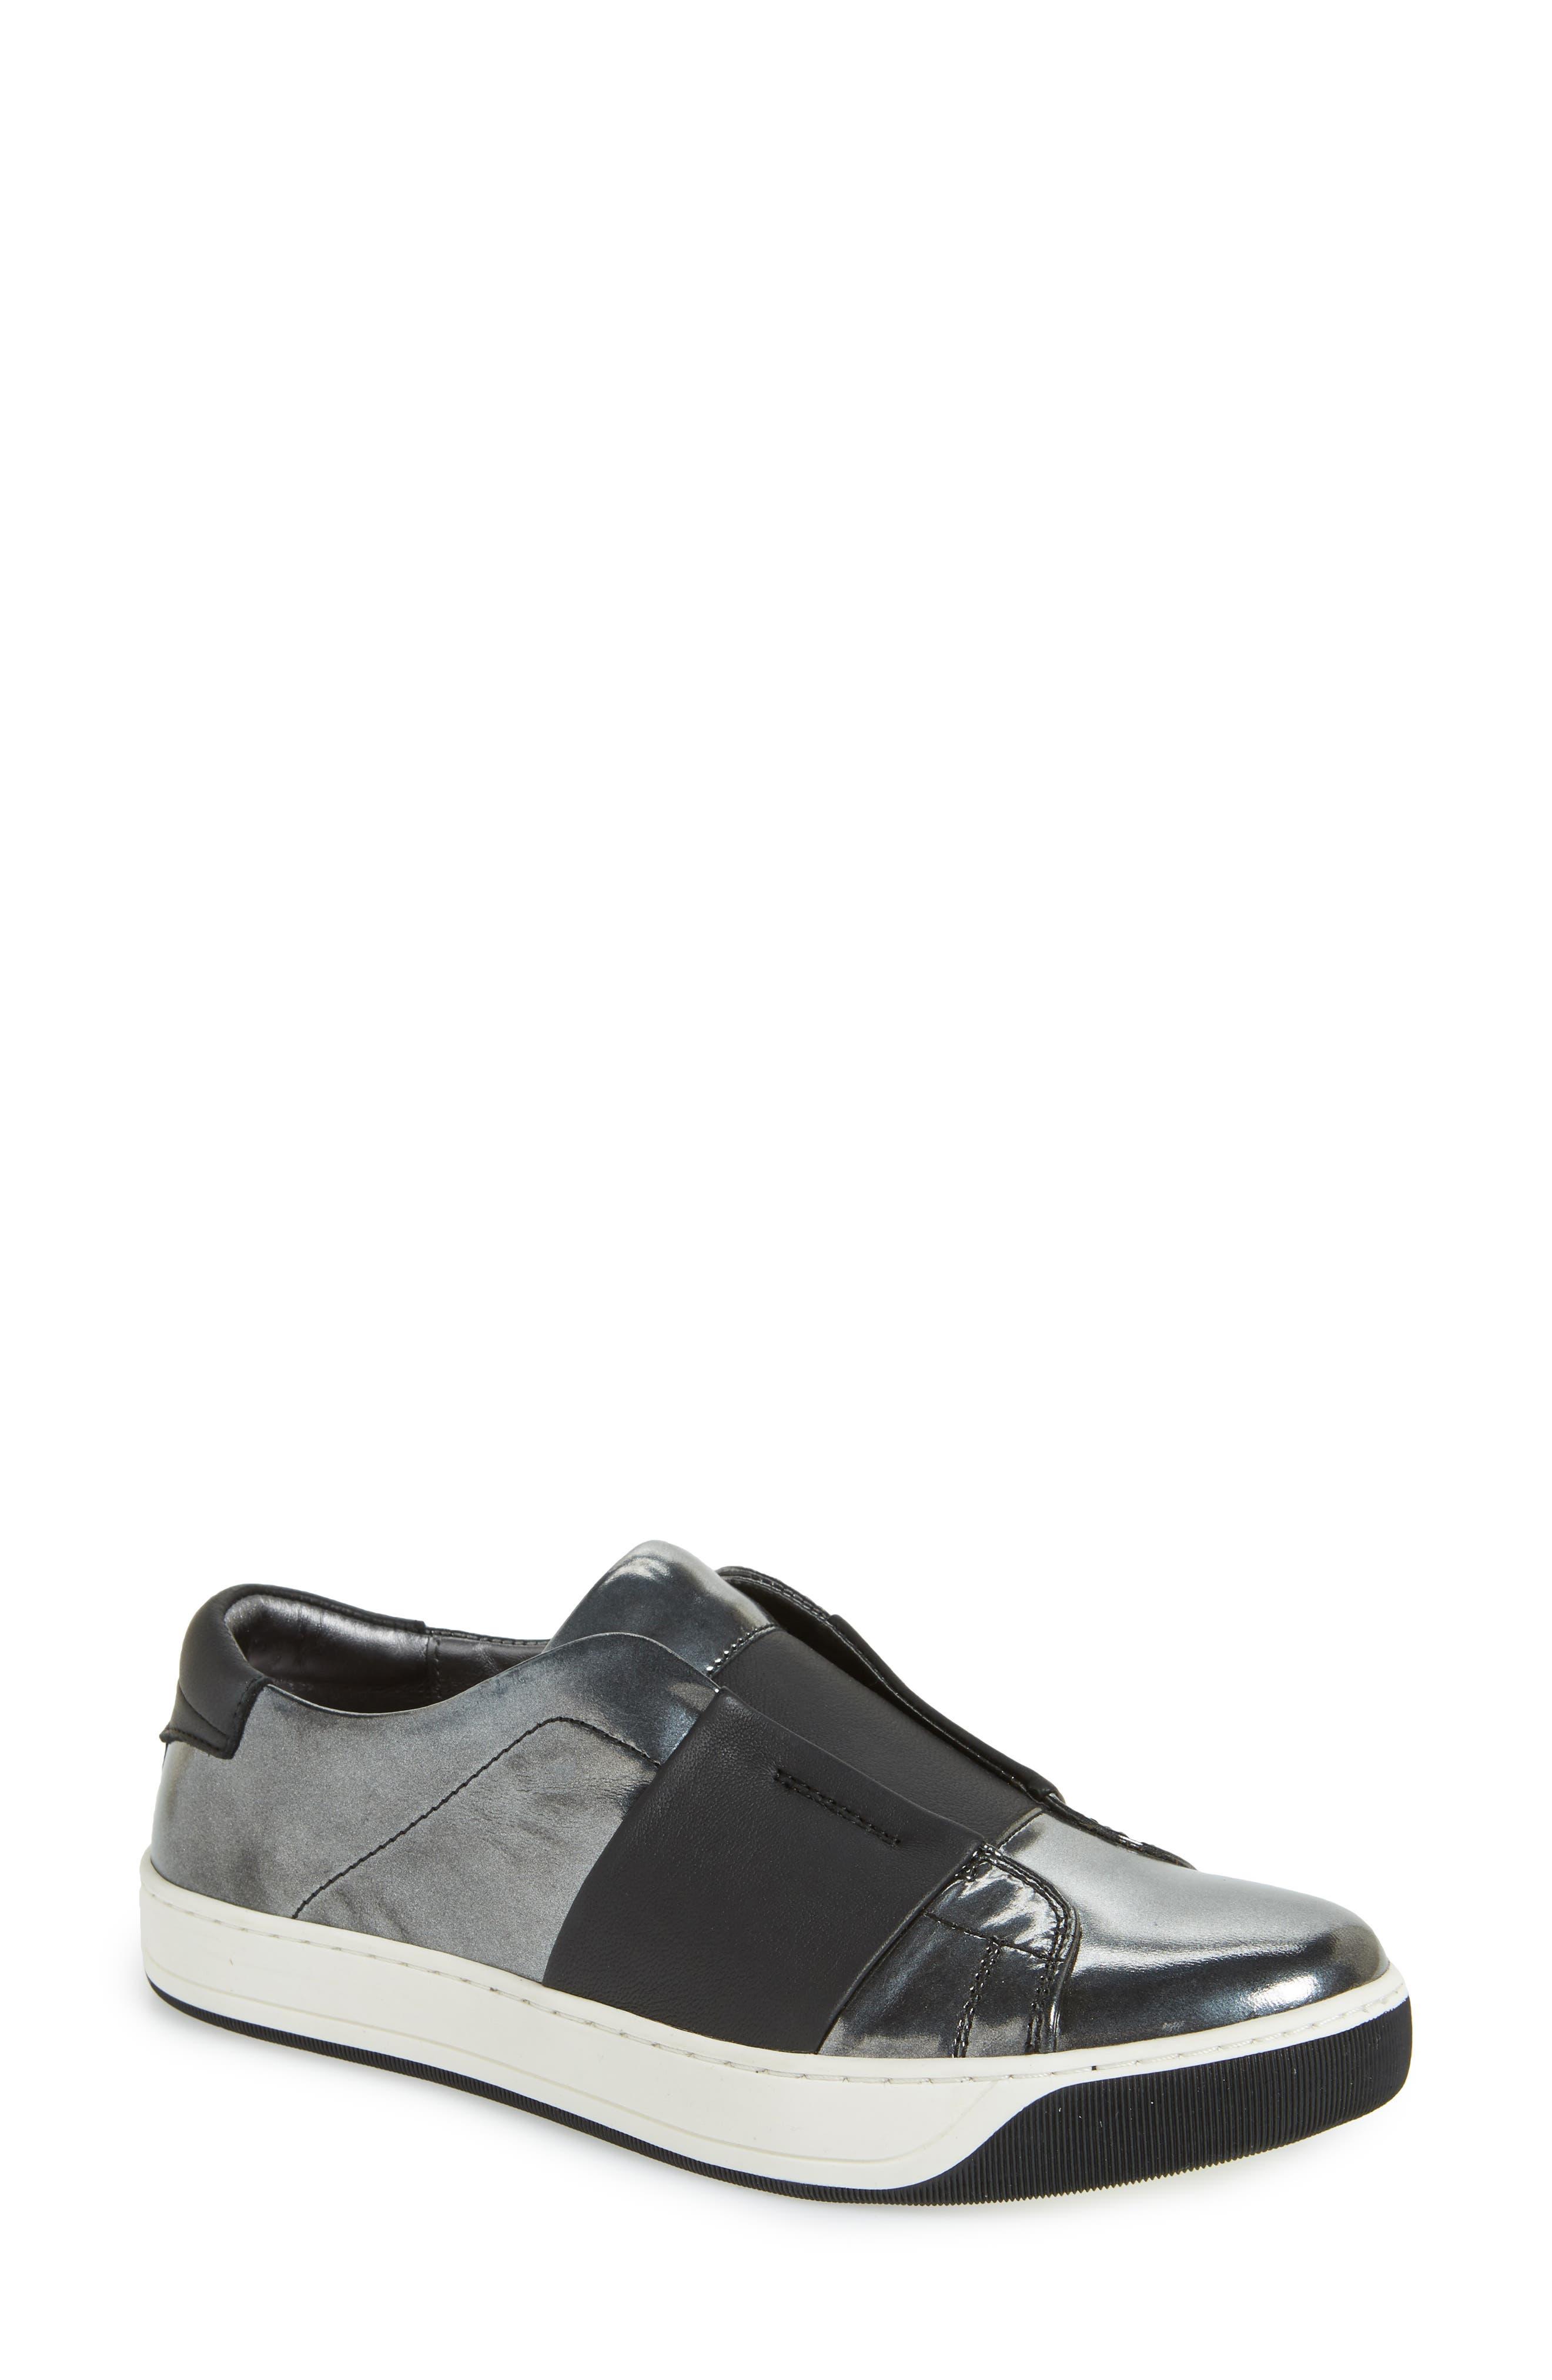 JOHNSTON & MURPHY Eden Slip-On Sneaker, Main, color, GRAPHITE LEATHER